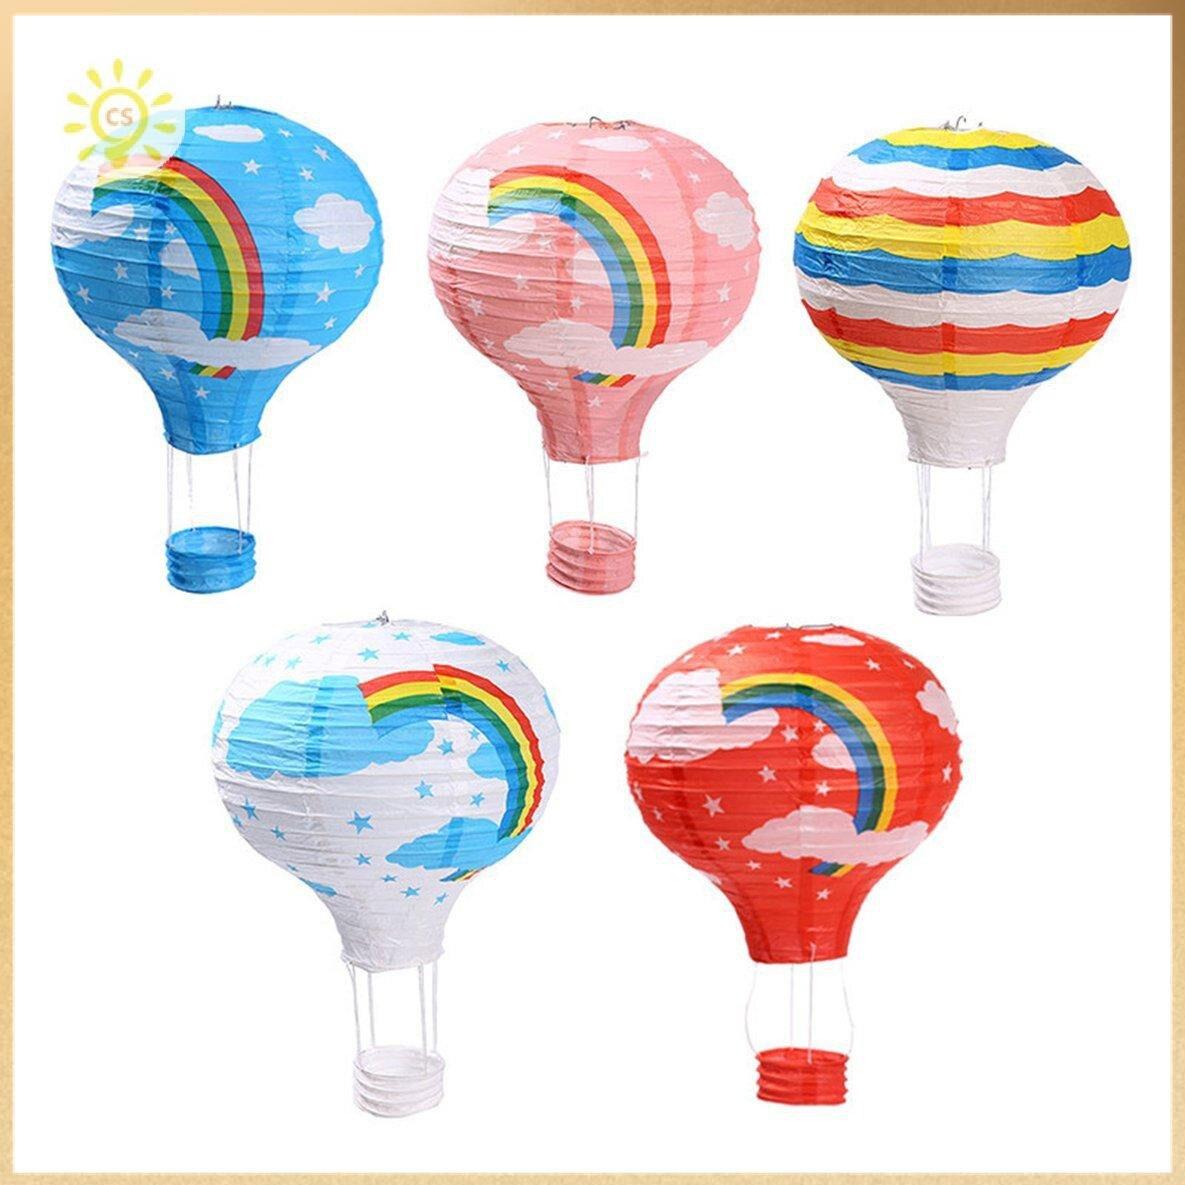 【全館免運】萬聖節裝飾熱氣球紙燈籠學校酒吧商場店慶幼兒園KTV走廊佈置吊飾